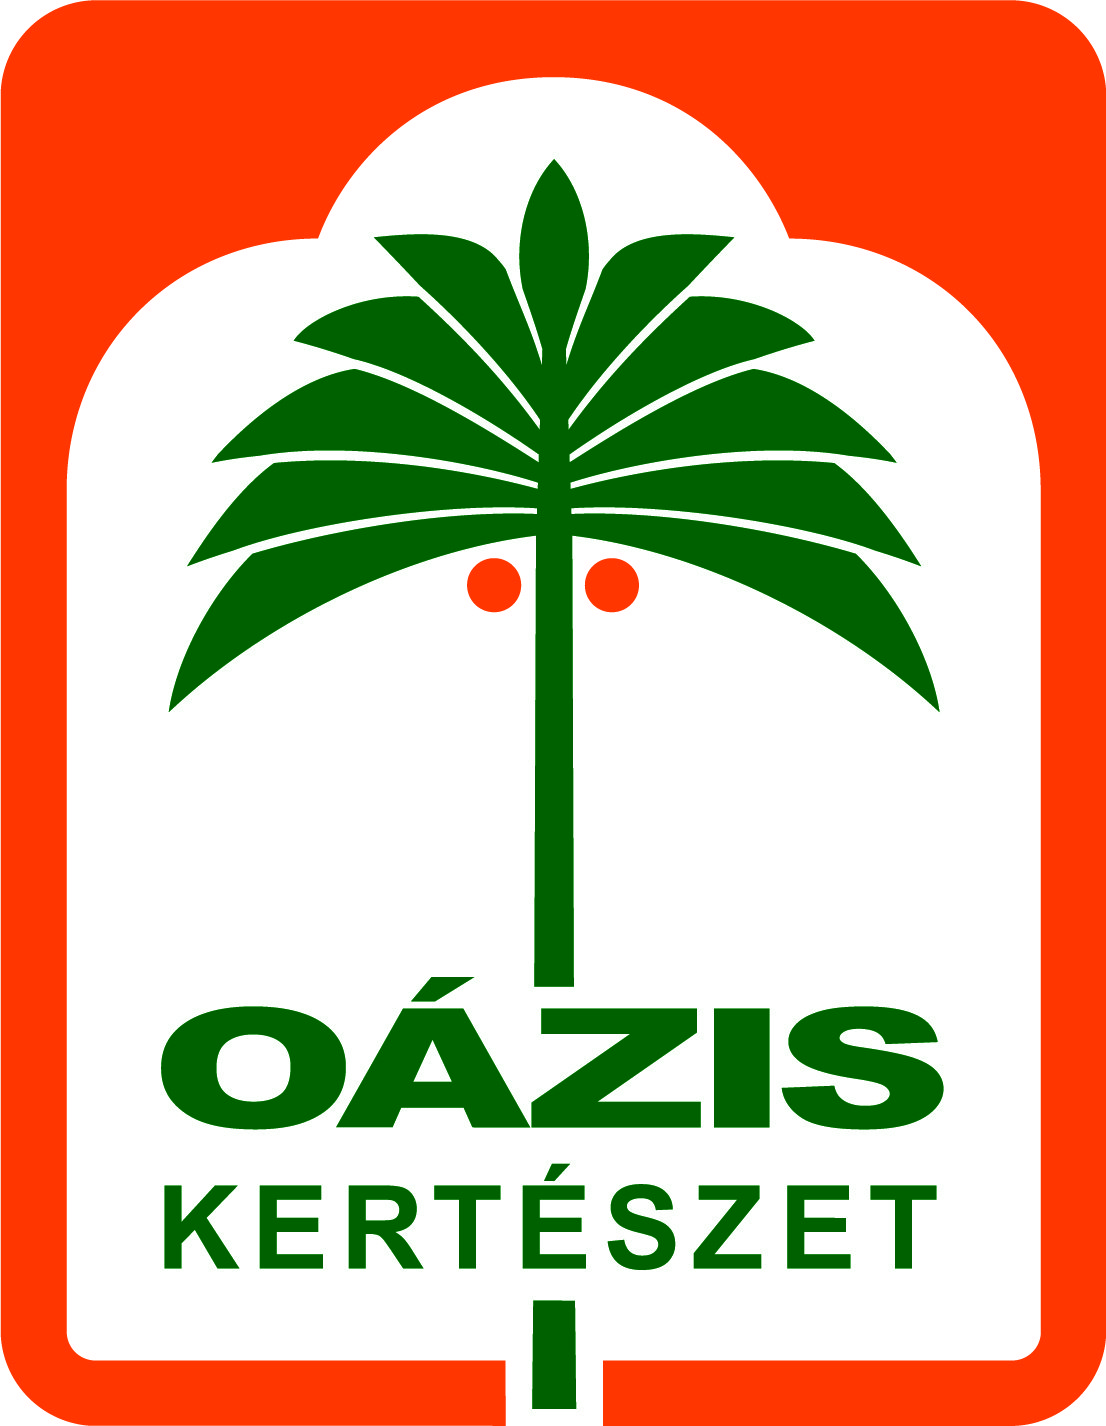 Oázis Kertészet